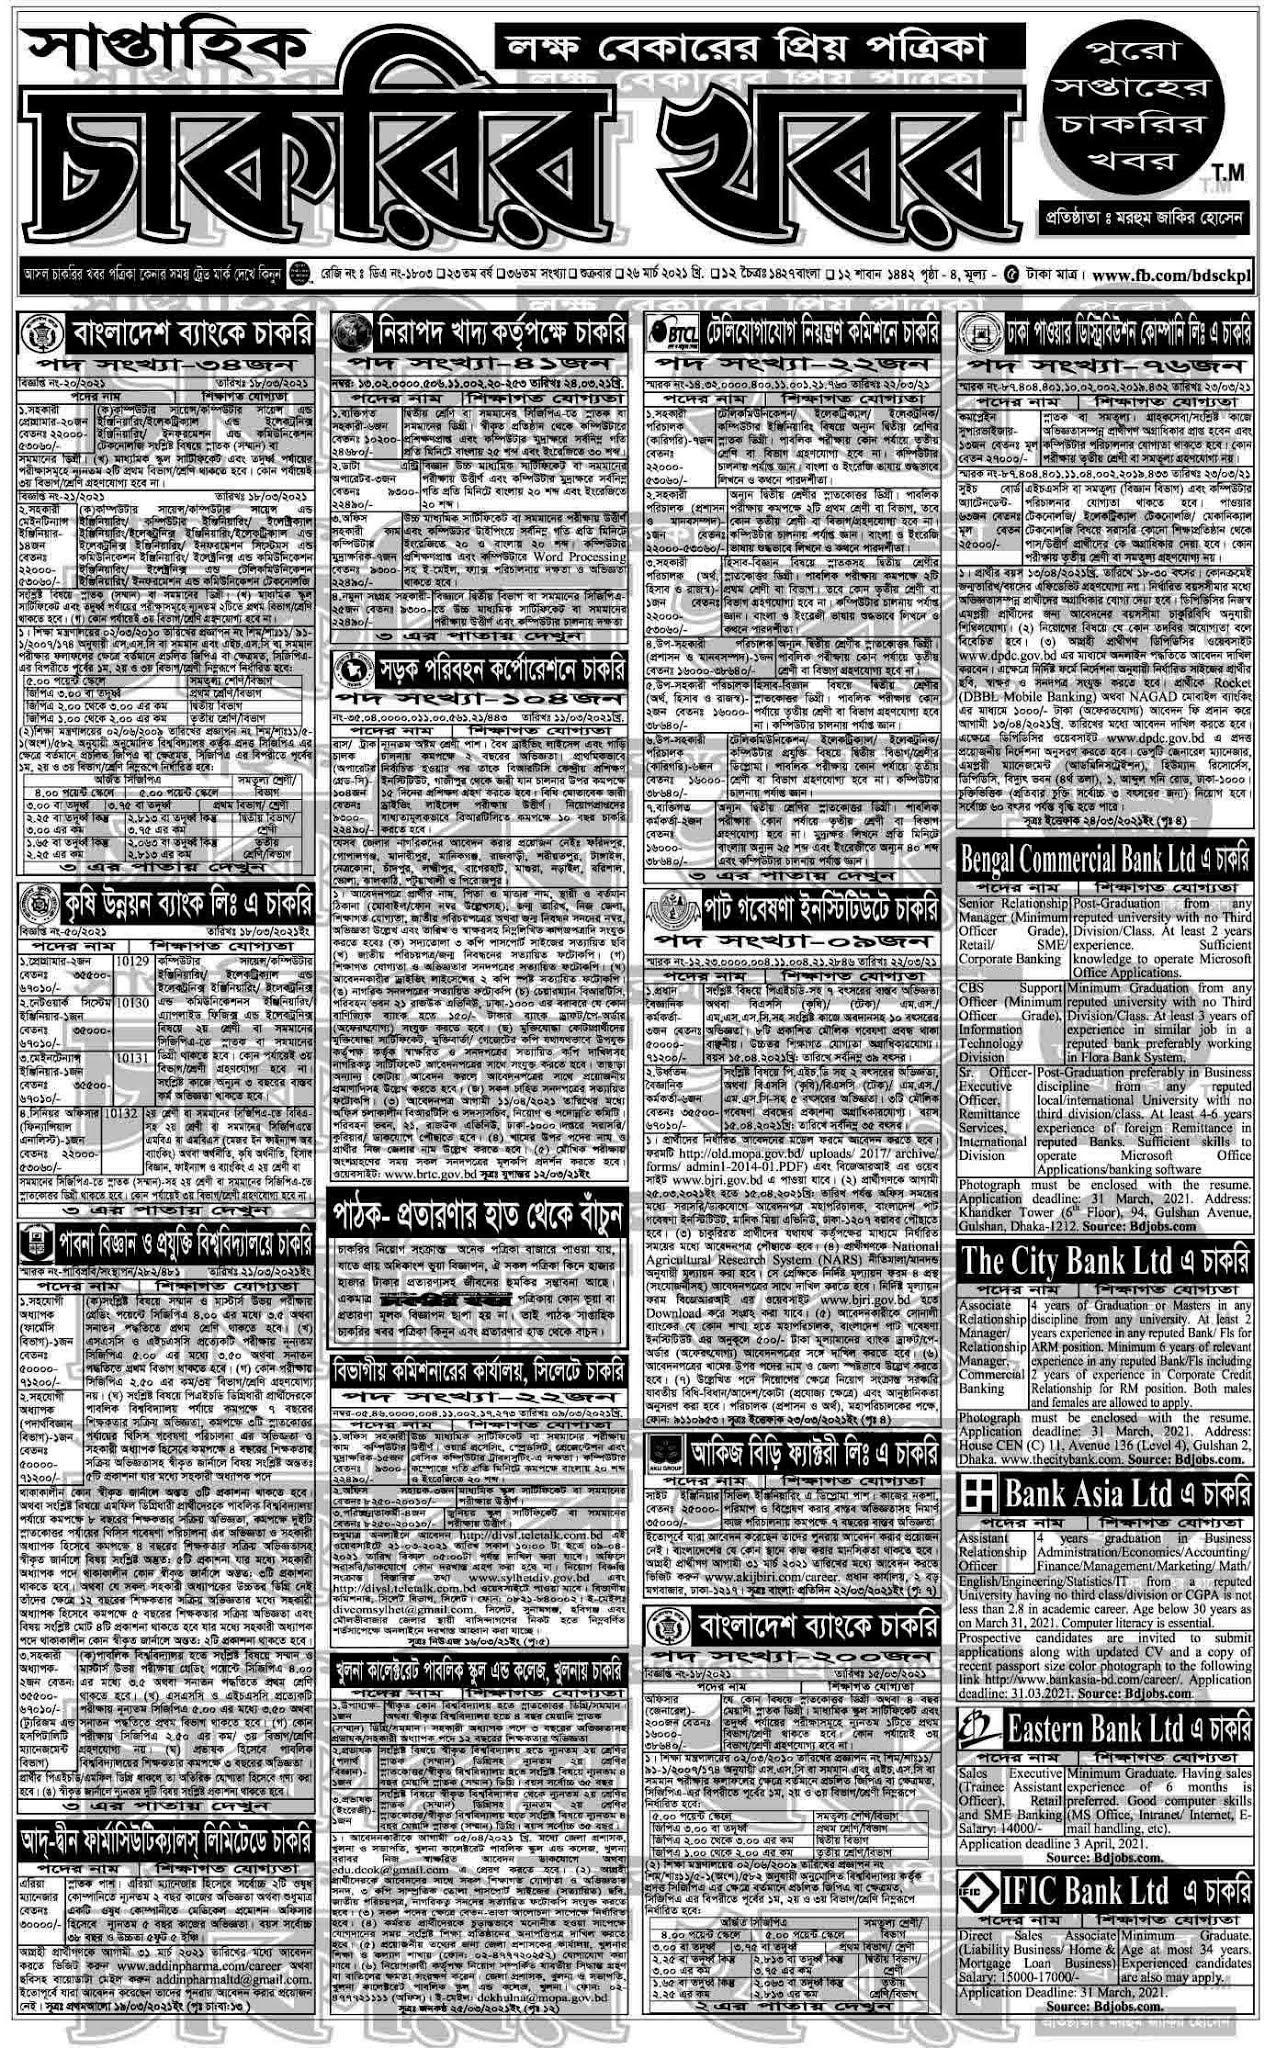 সাপ্তাহিক চাকরির খবর ২৬ মার্চ ২০২১ এর প্রথম পৃষ্ঠা